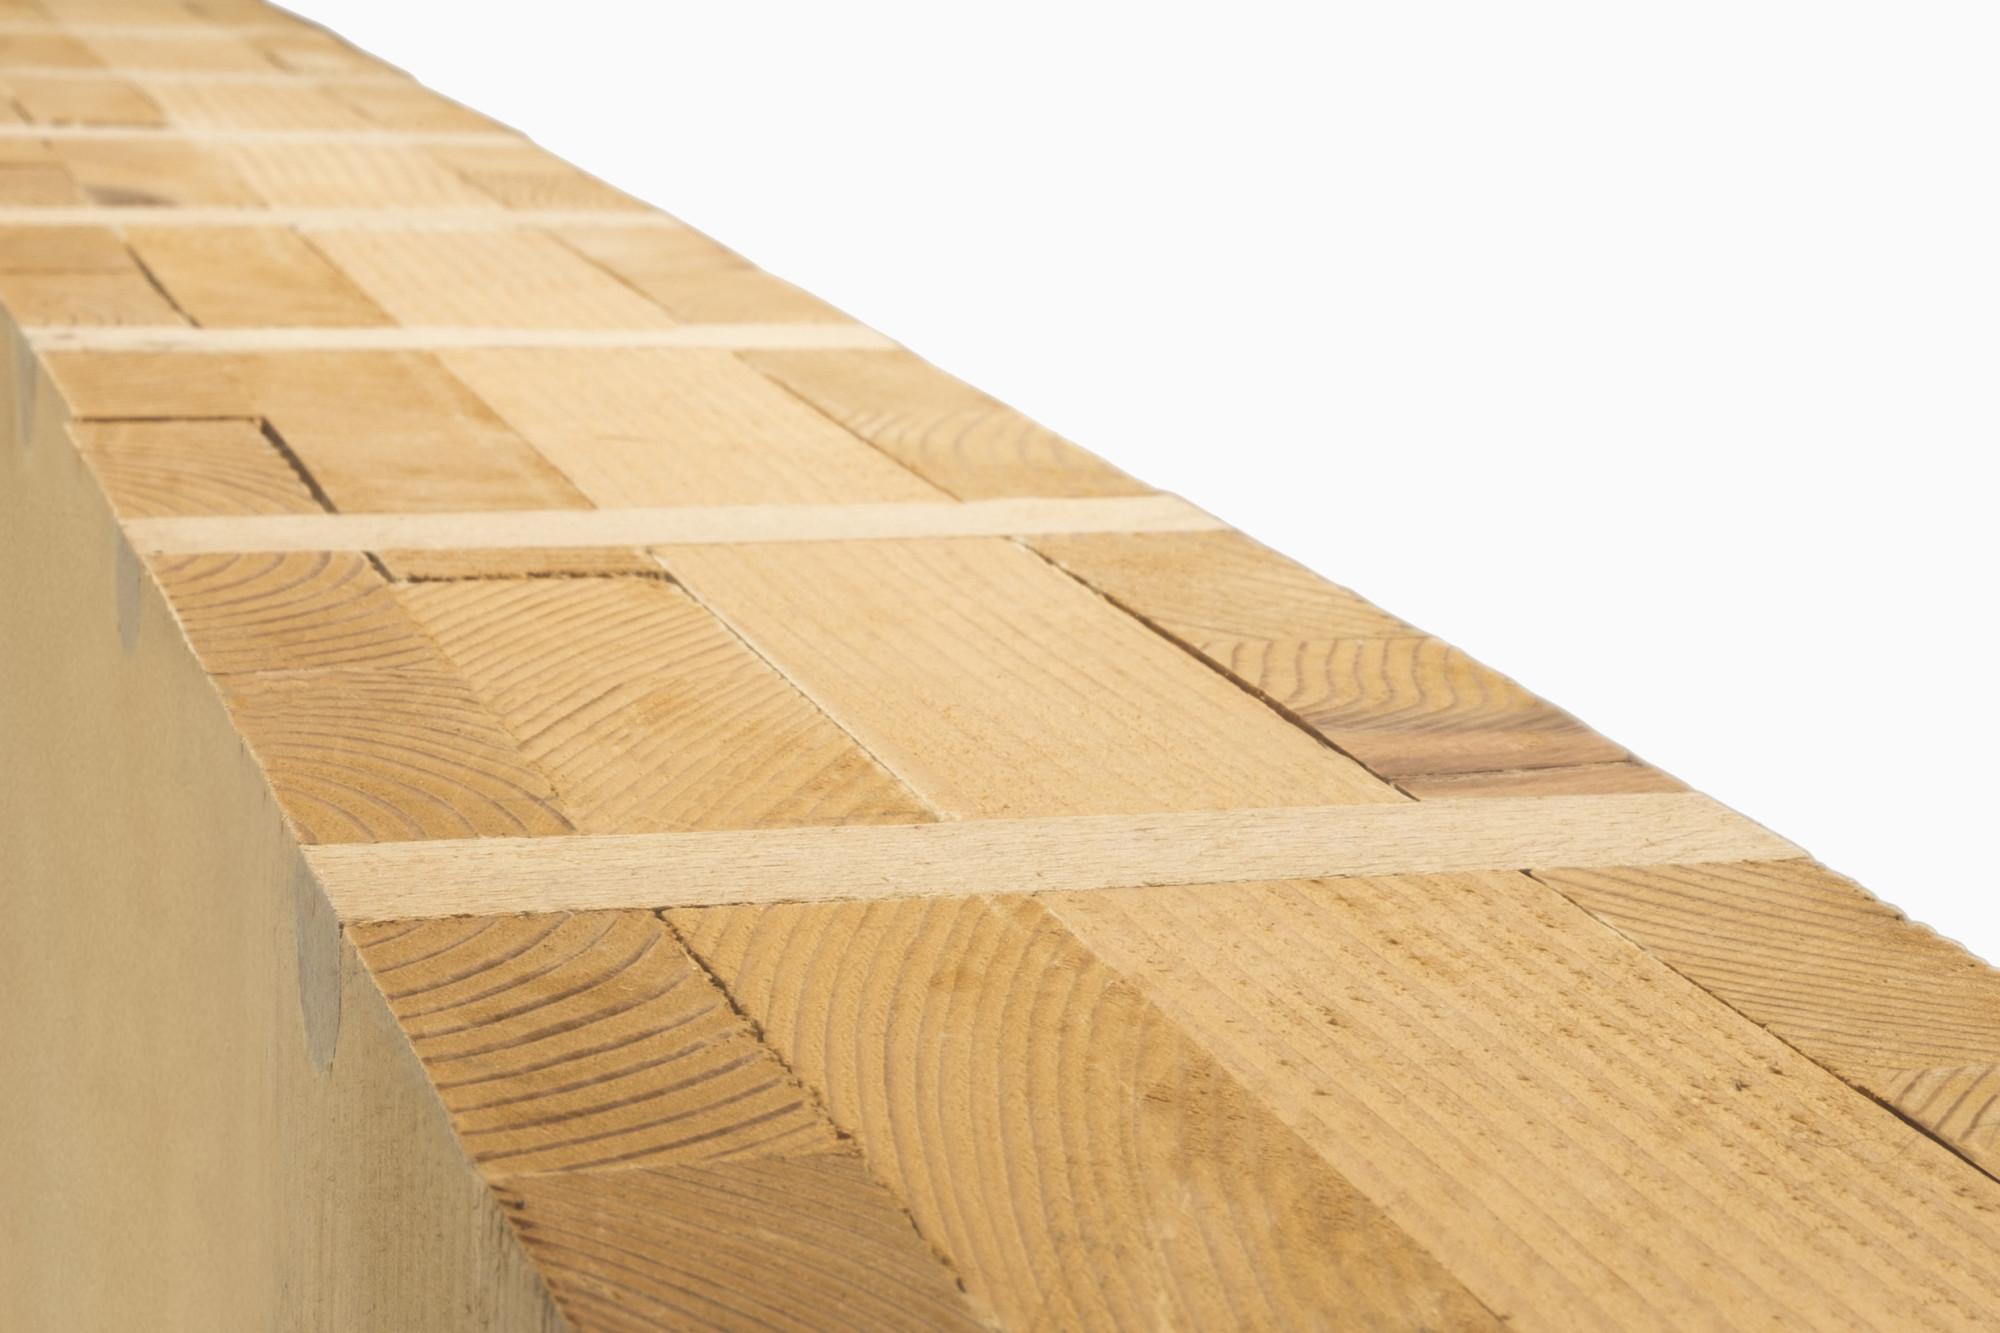 Massivholzsystem ohne Leim und Holzschutzmittel | Gesund Bauen ...